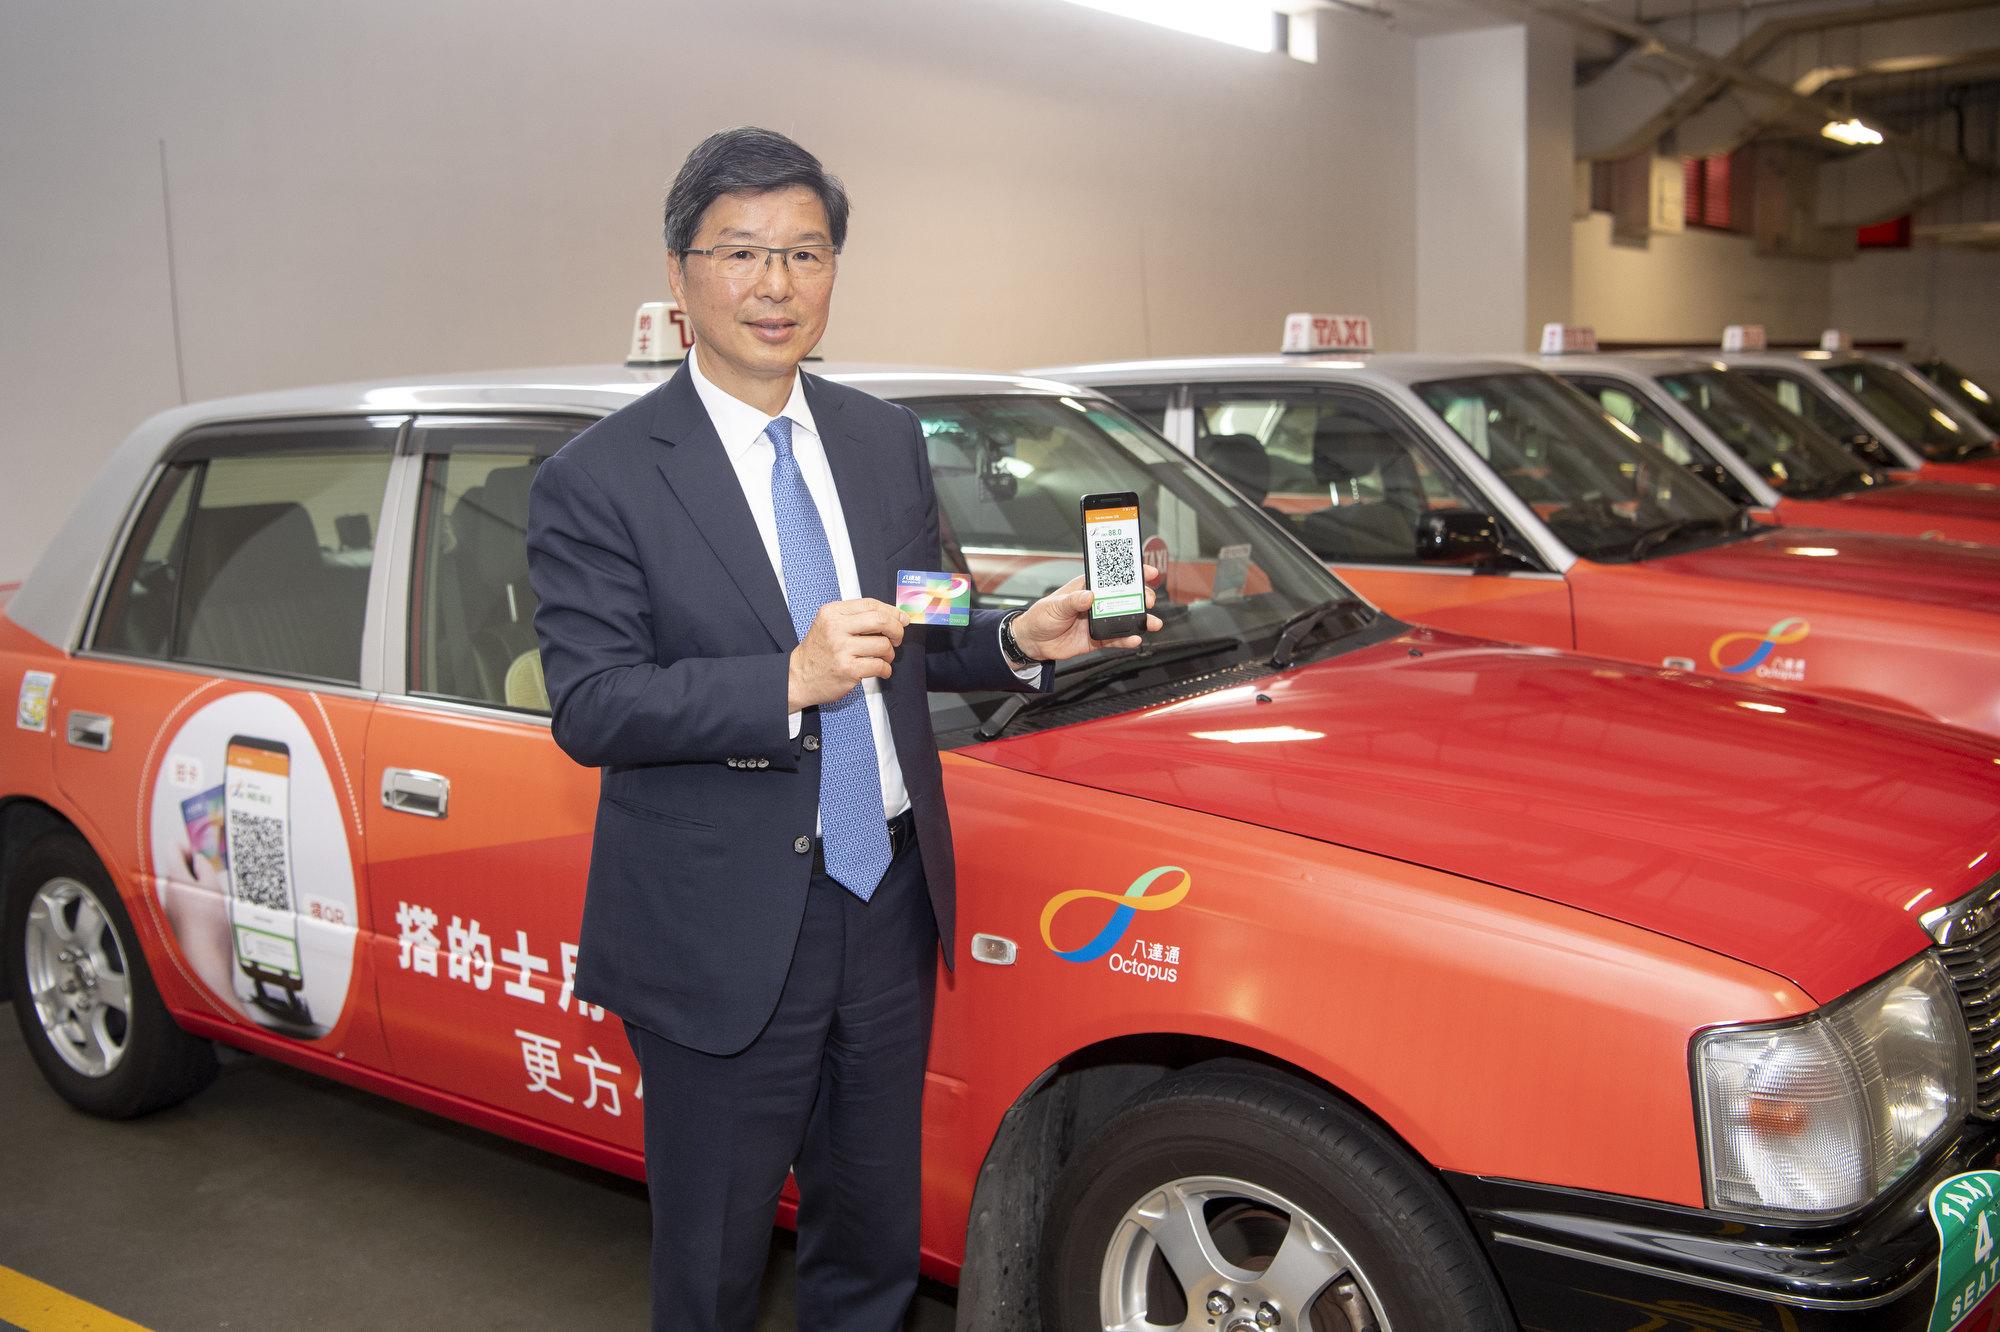 商用版八達通再推的士費電子付款  成功申請商戶送 HK$150